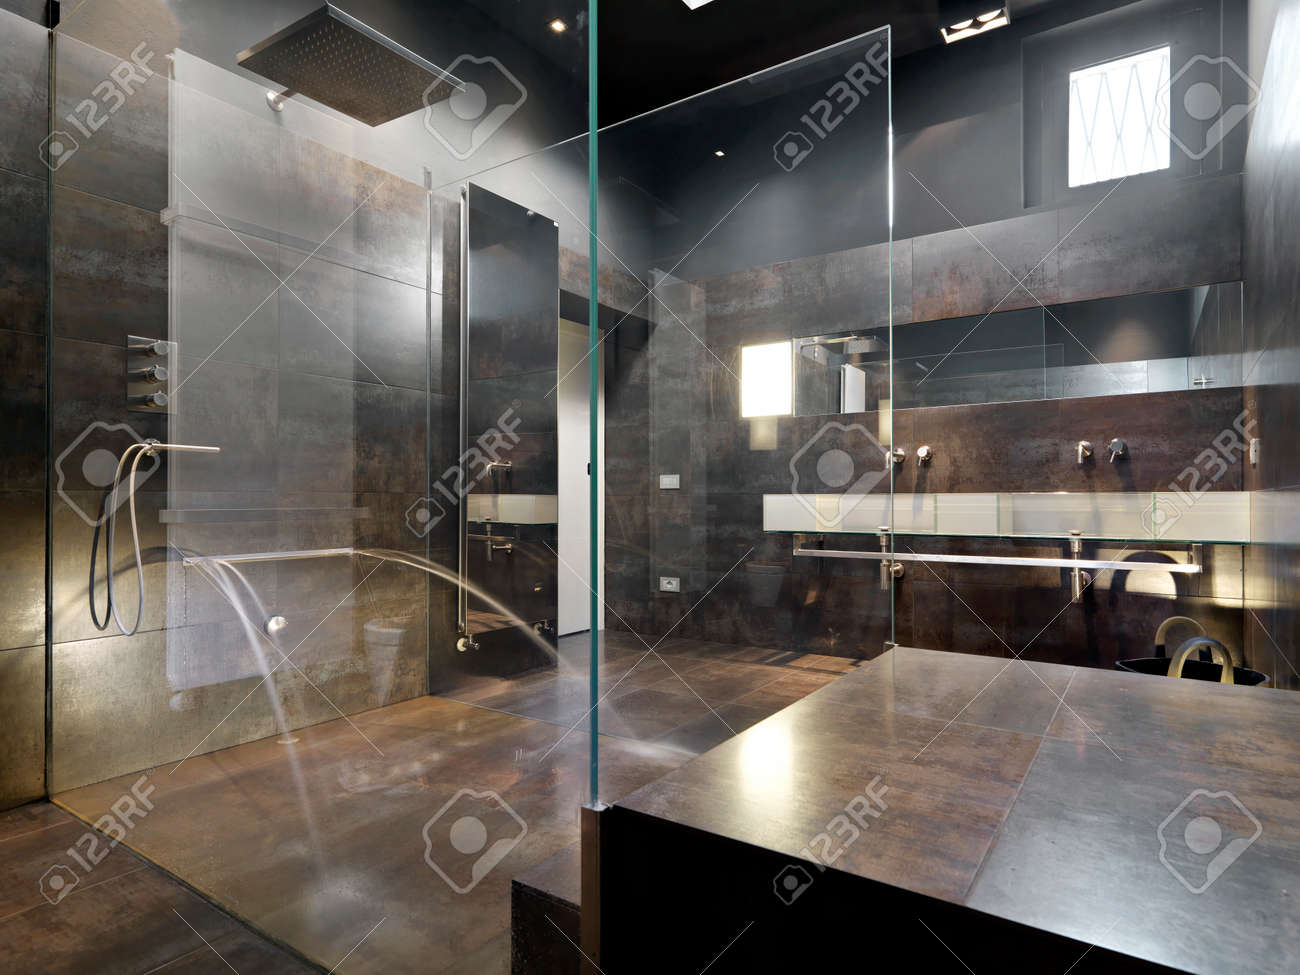 Conosciuto Vasche In Muratura. Top Vasche In Muratura With Vasche In Muratura  WX74